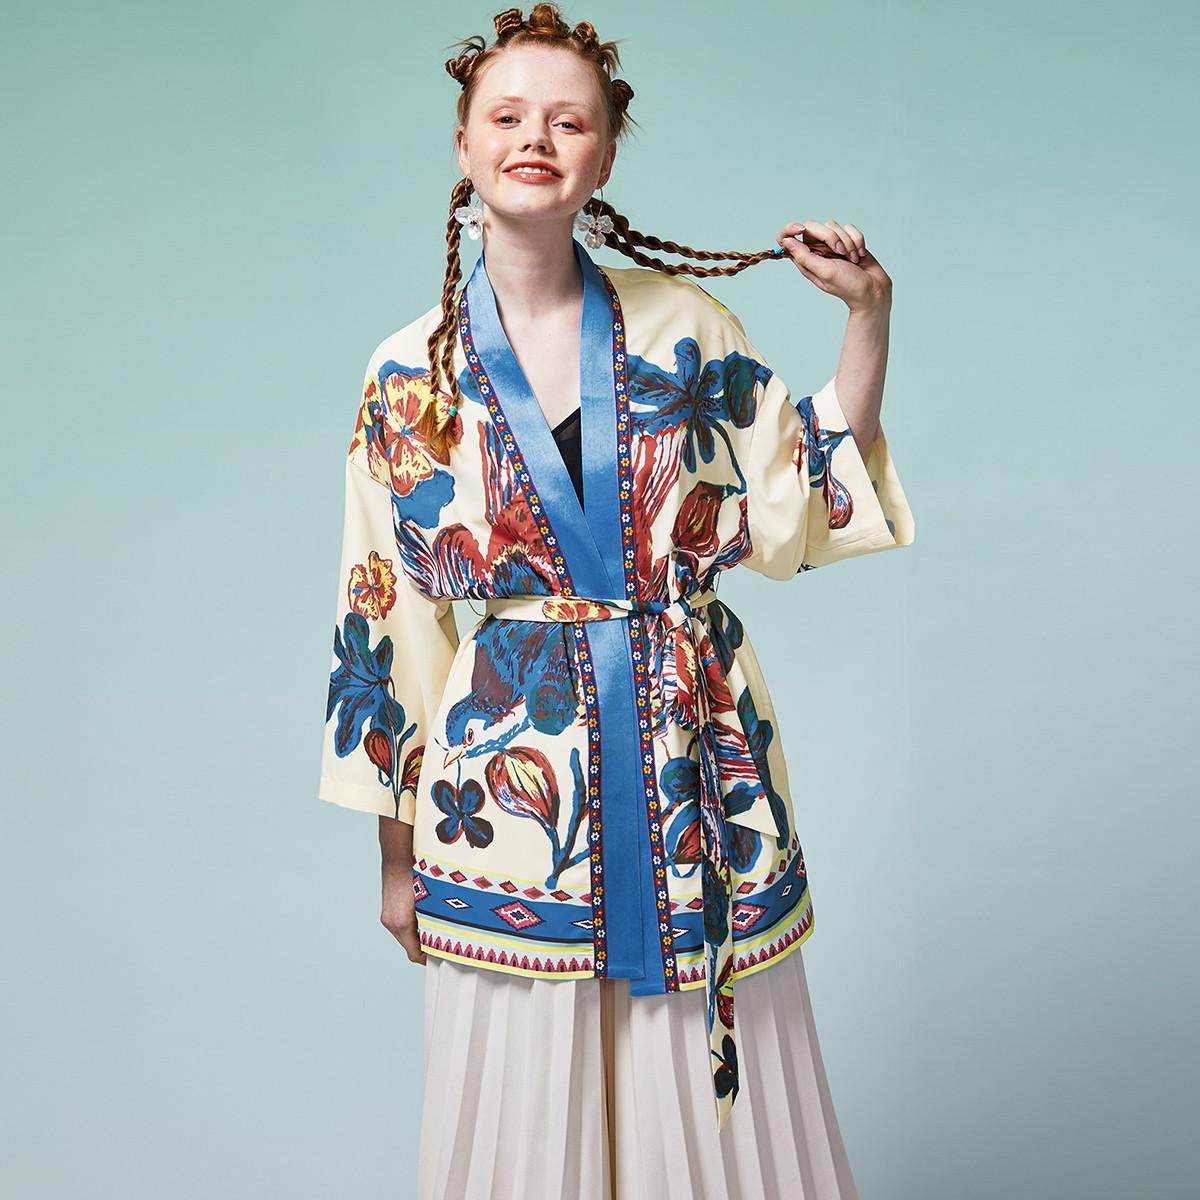 两三事两三事 2020春季新品复古印花绑带开衫女士外套S20CDW008-01